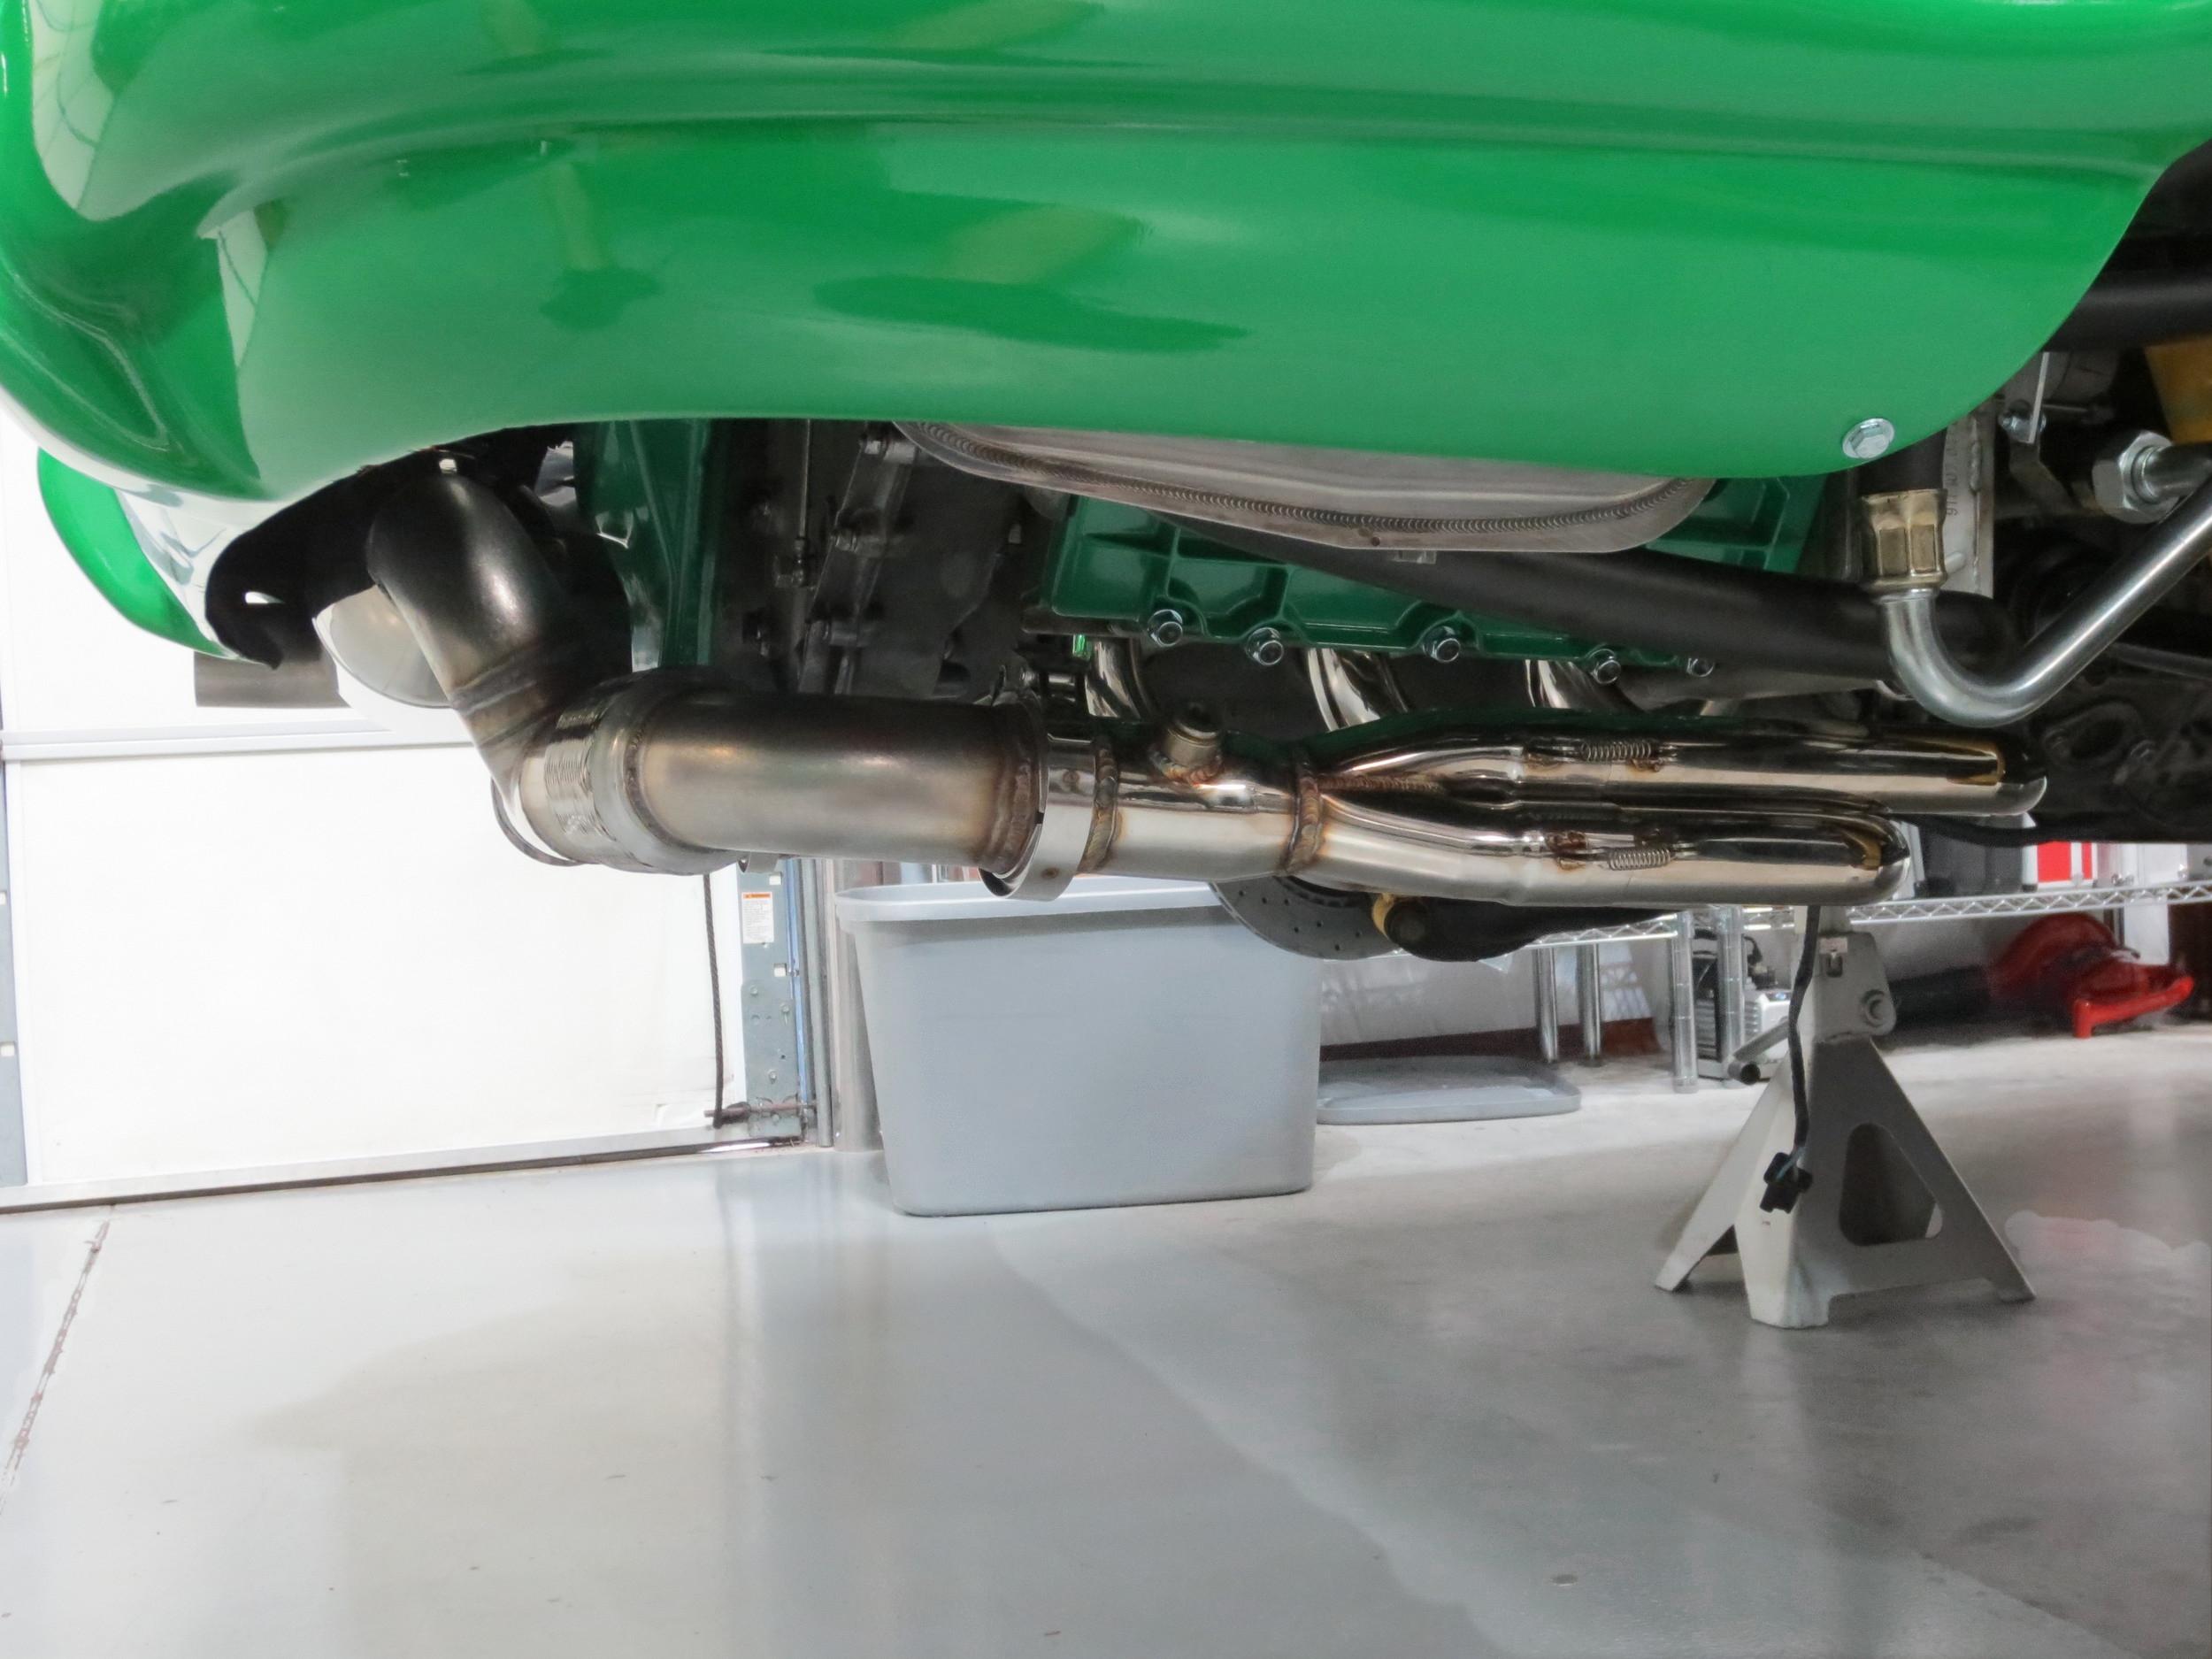 Motor Werks Racing Porsche 911 Headers & Exhasut